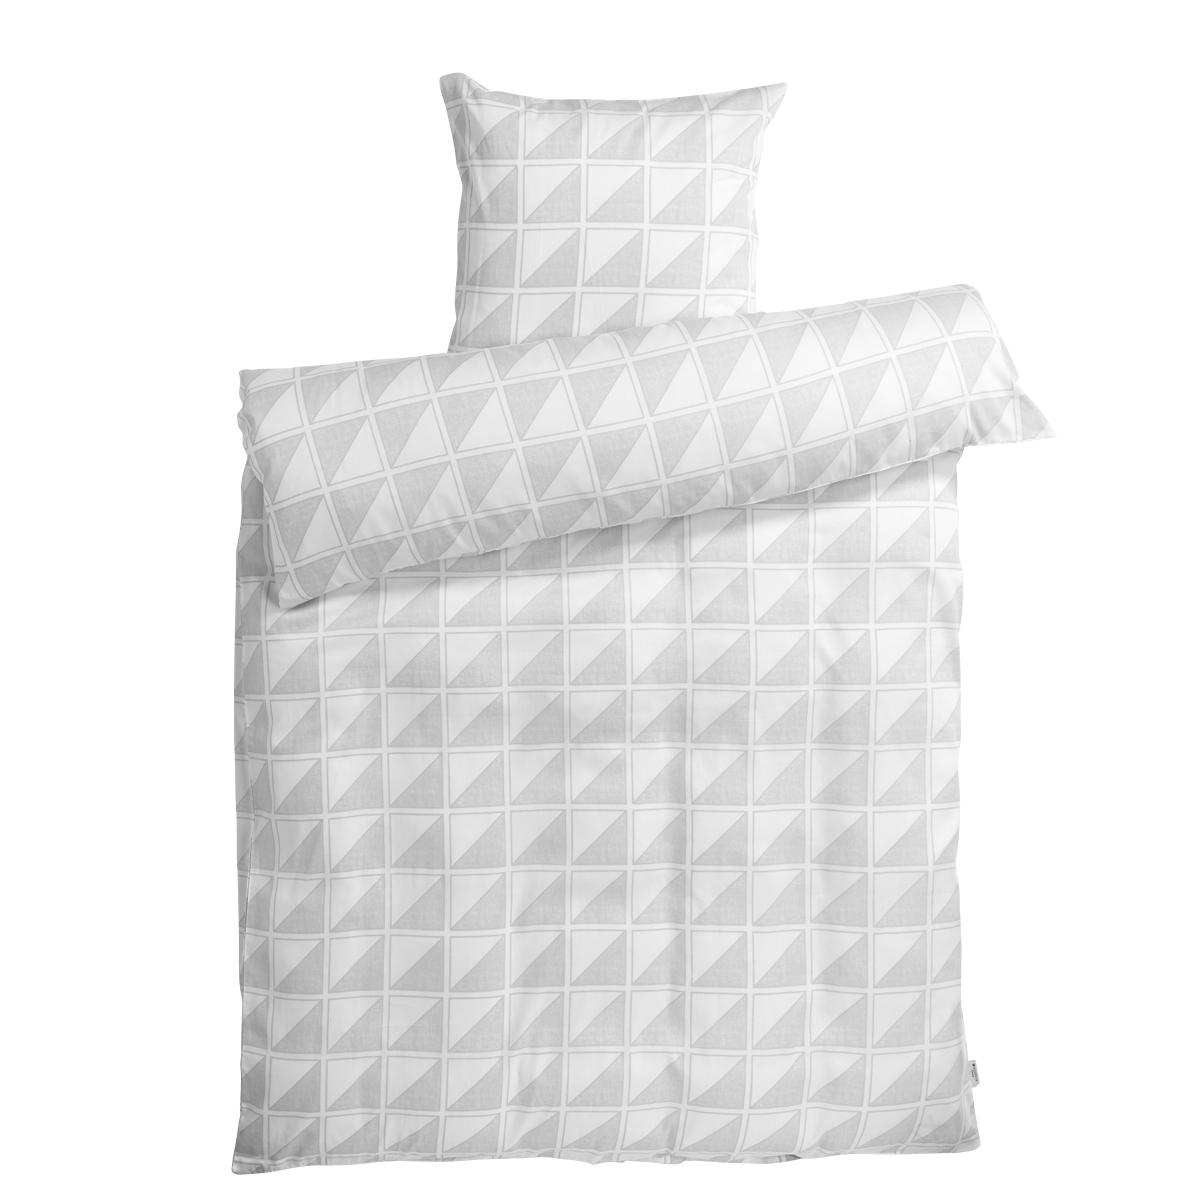 Redgreen sengetøj - Hvid og lysegrå